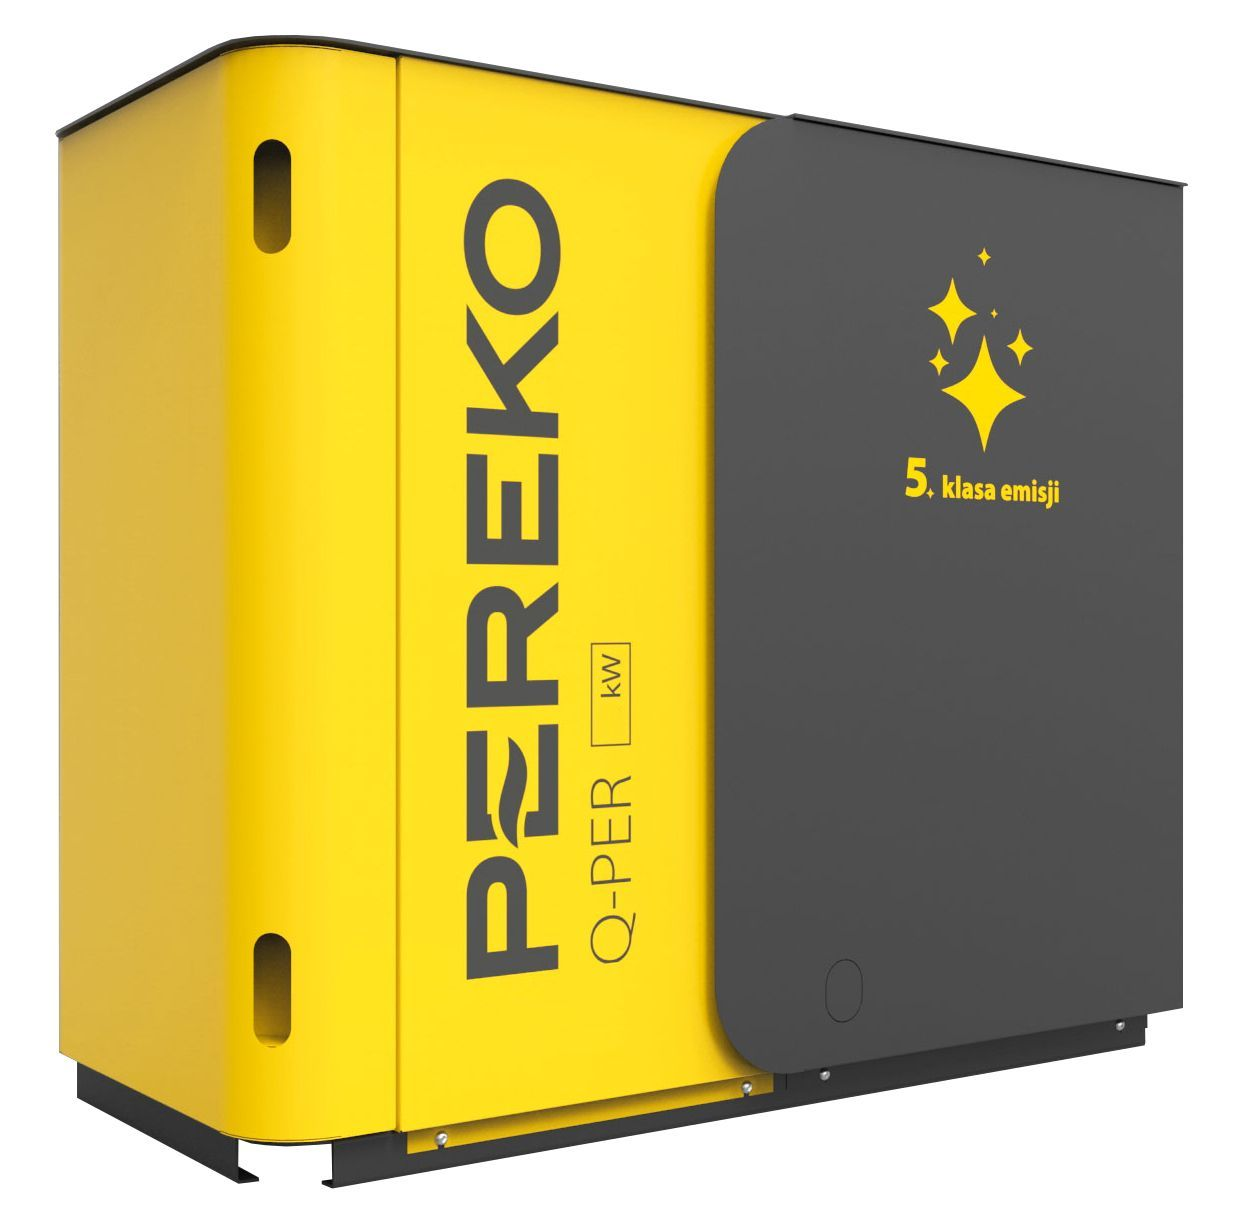 Kocioł na ekogroszek PEREKO Q-PER 24 kW